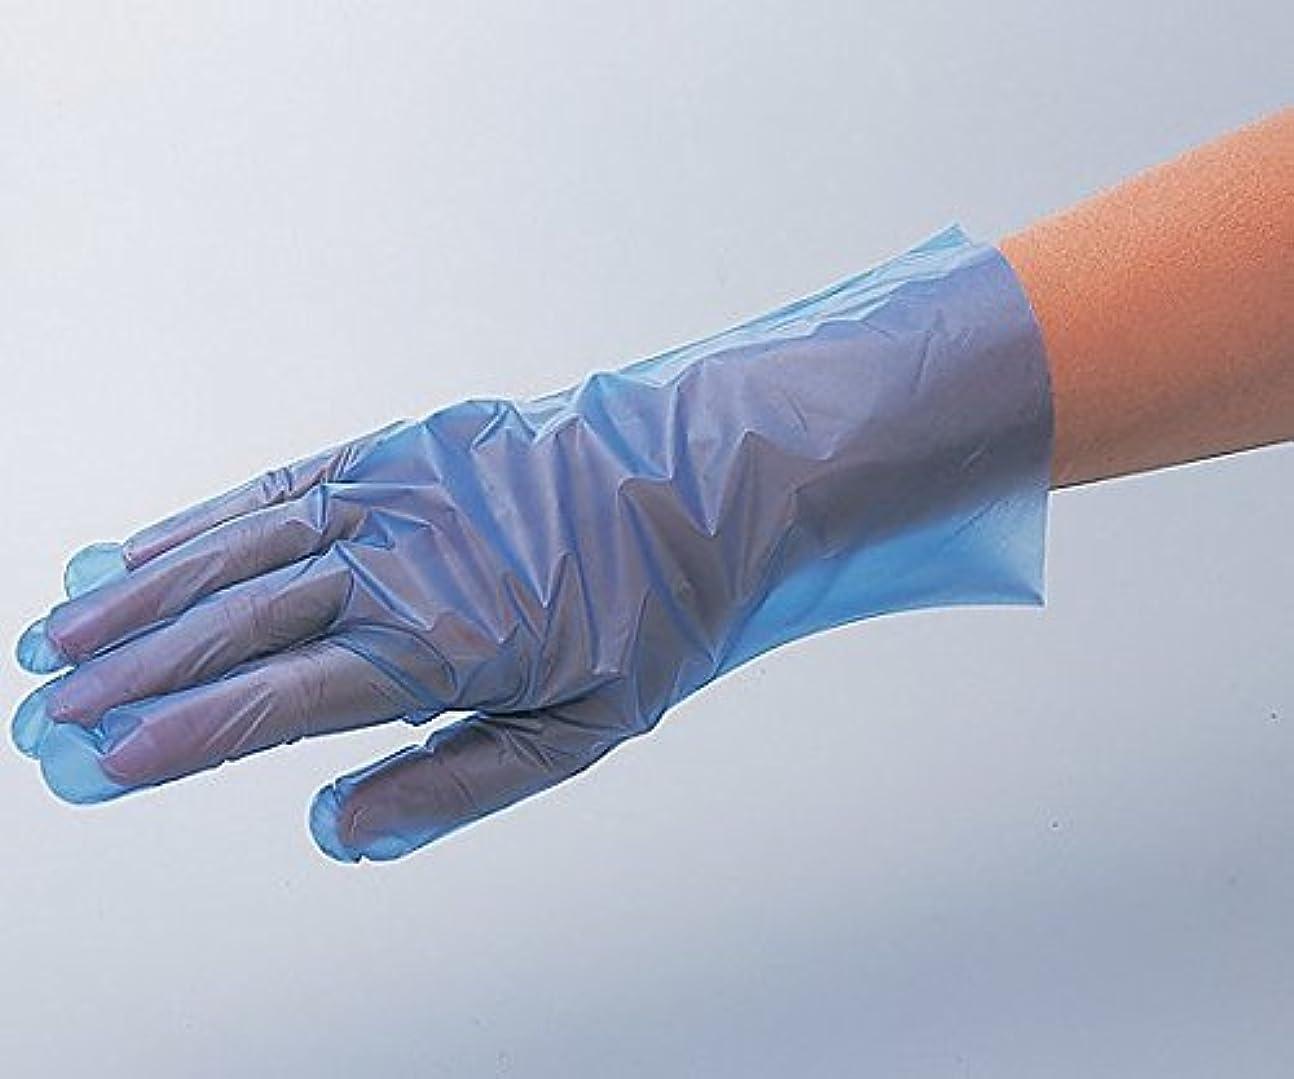 パイルごちそう民主主義アズワン6-9730-06サニーノール手袋エコロジーブルーショートS200枚入